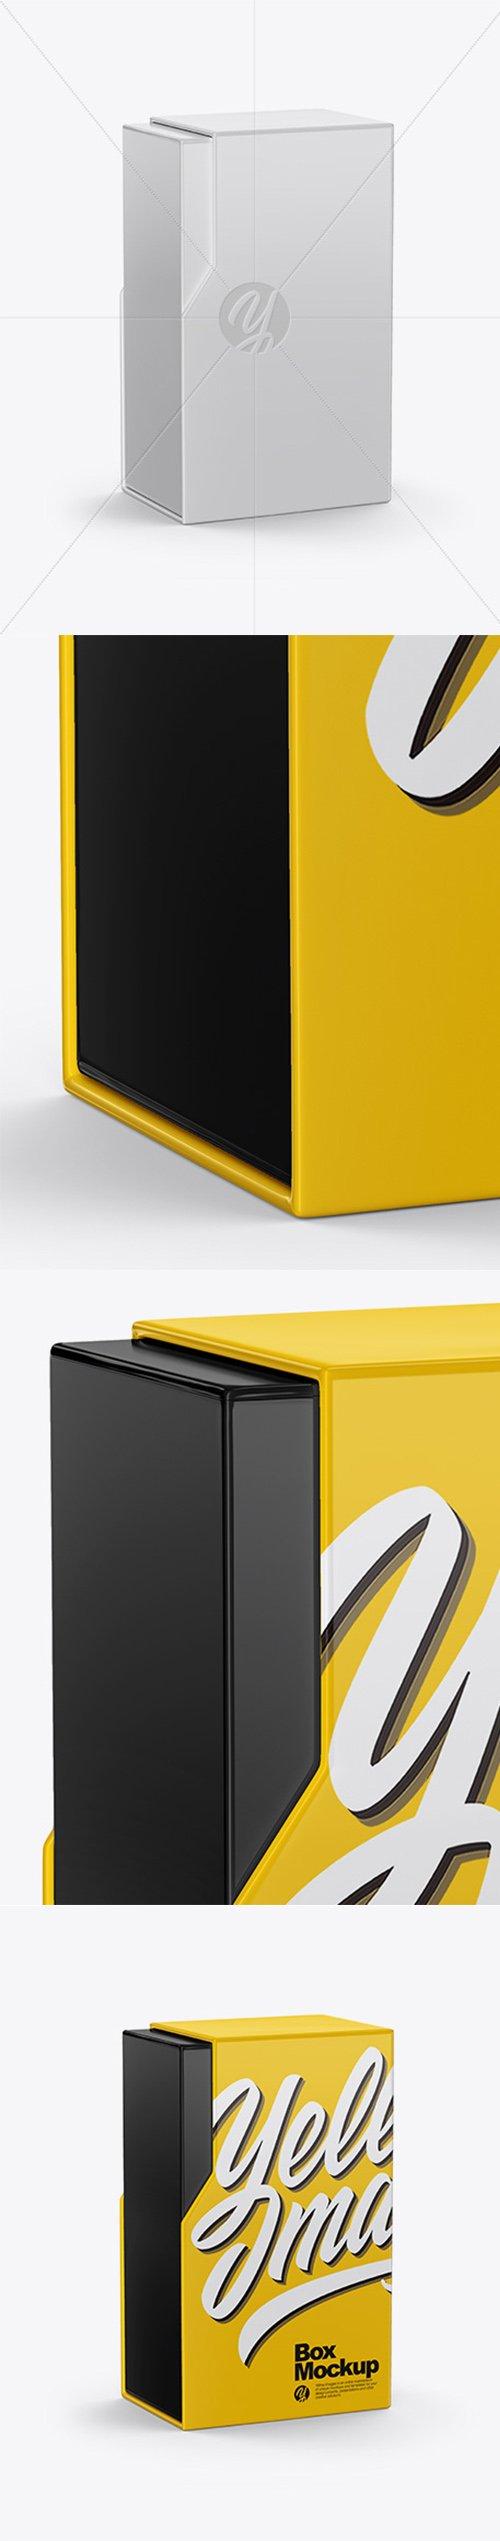 Glossy Box Mockup 36852 TIF